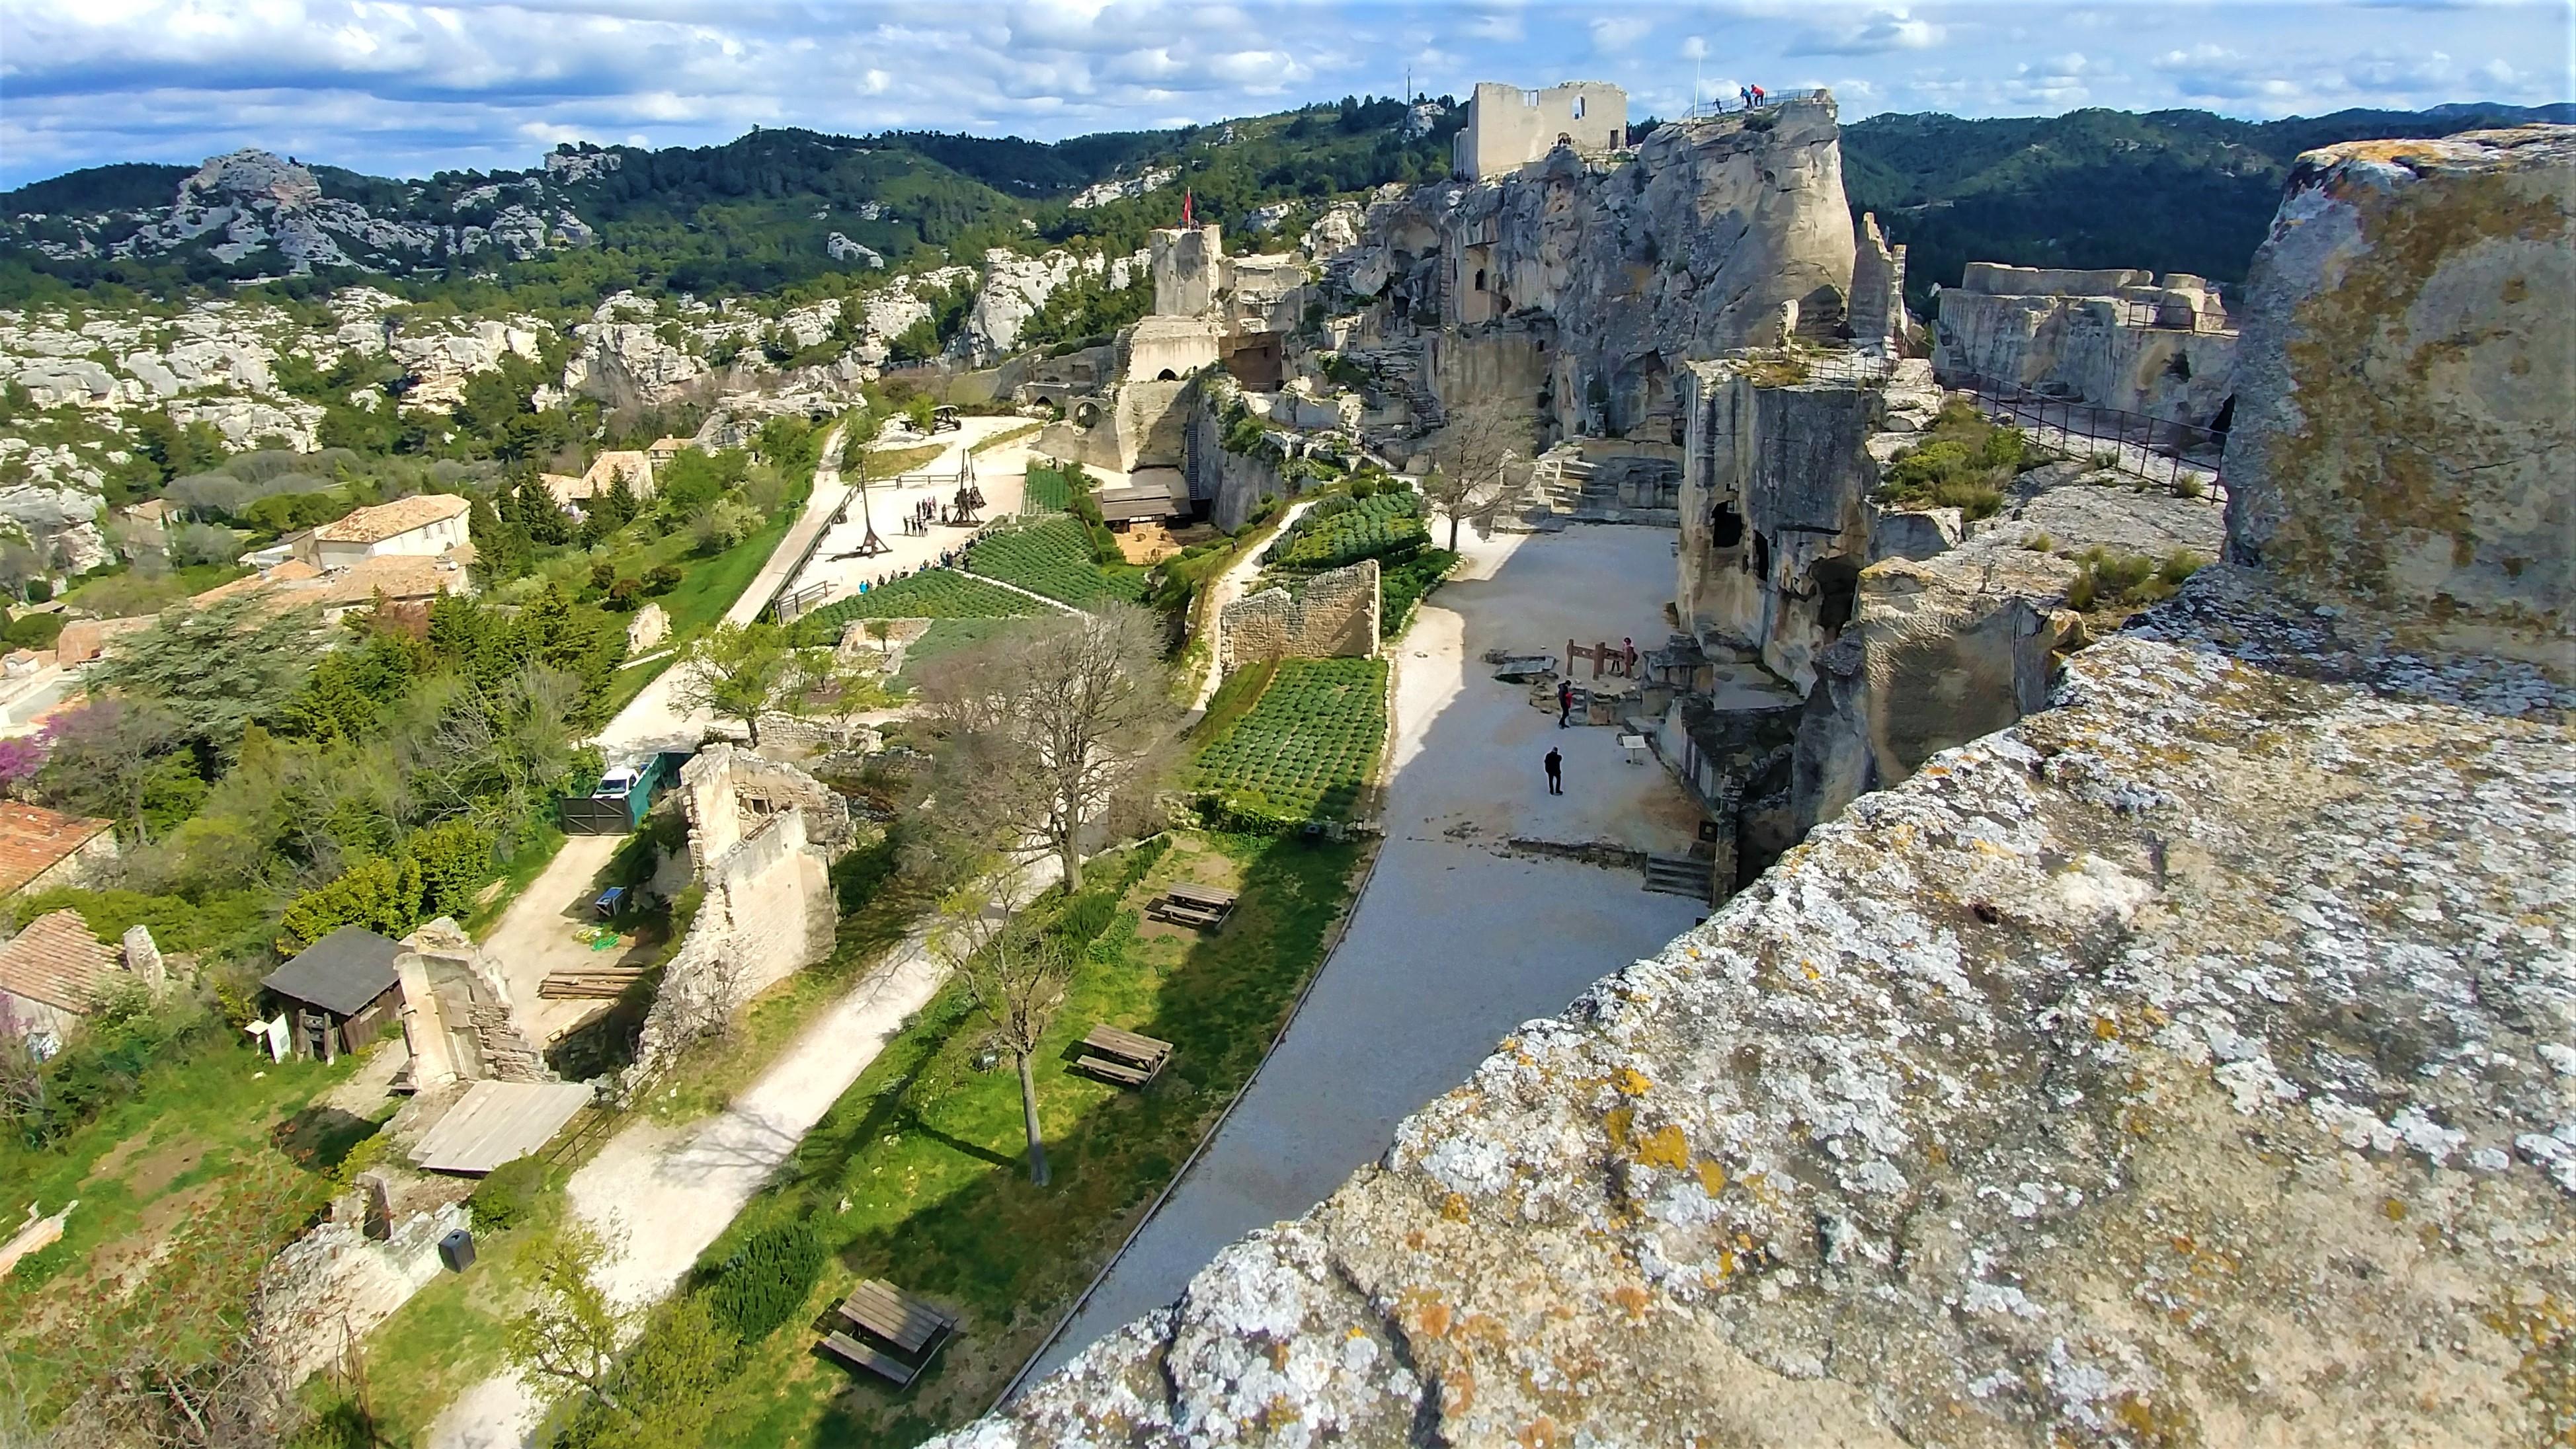 Baux de provence visiter chateau printemps escapade ponts mai